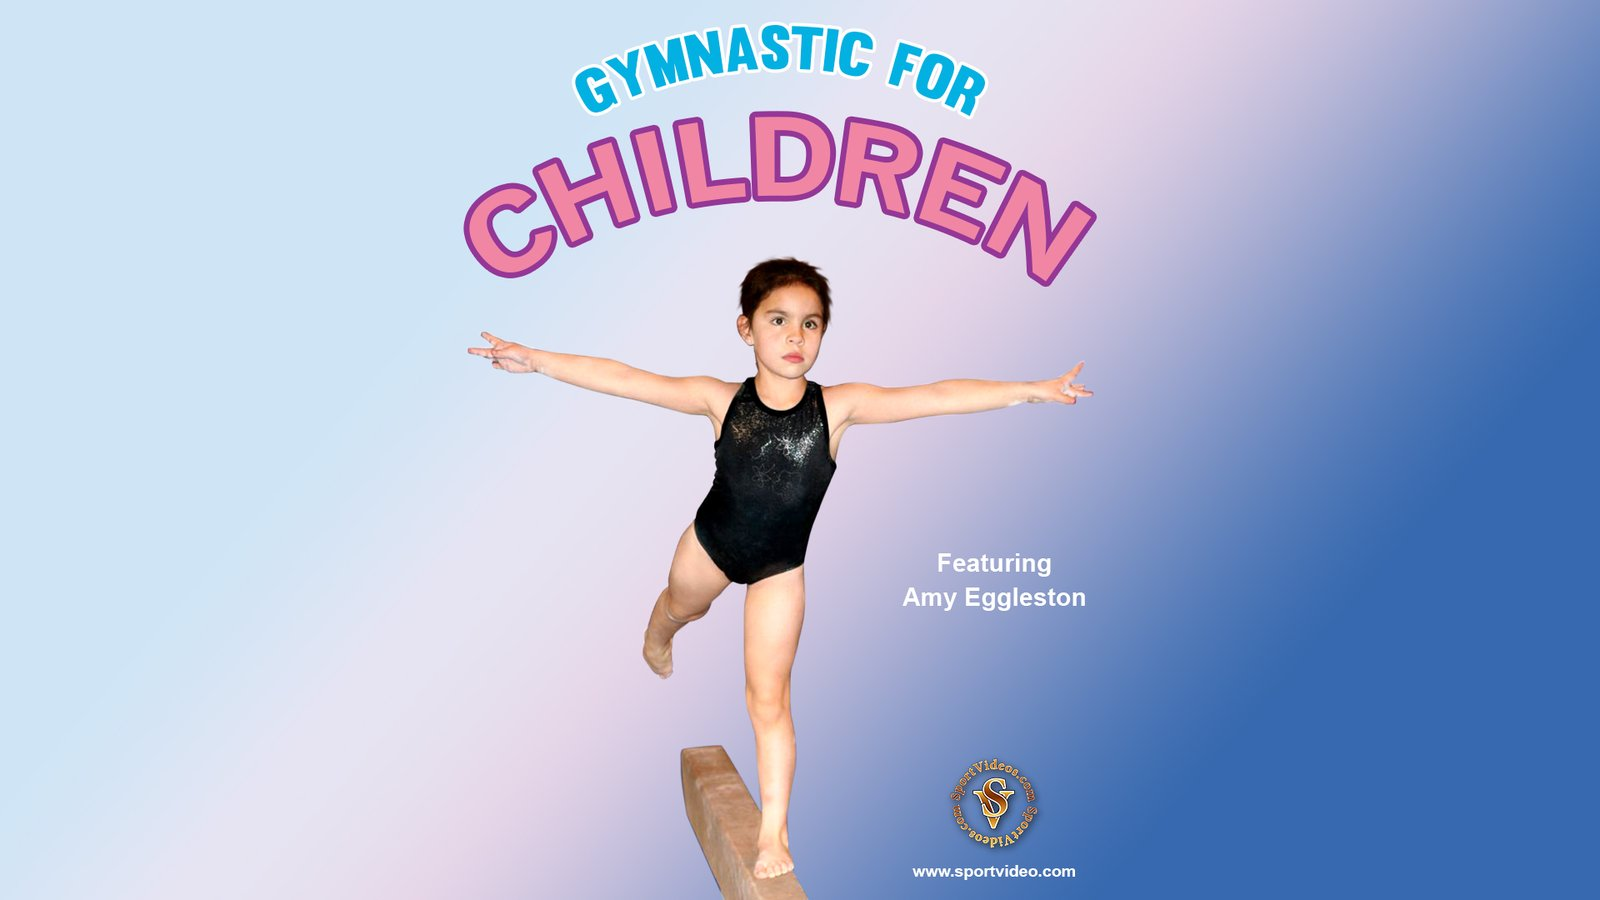 Gymnastics for Children